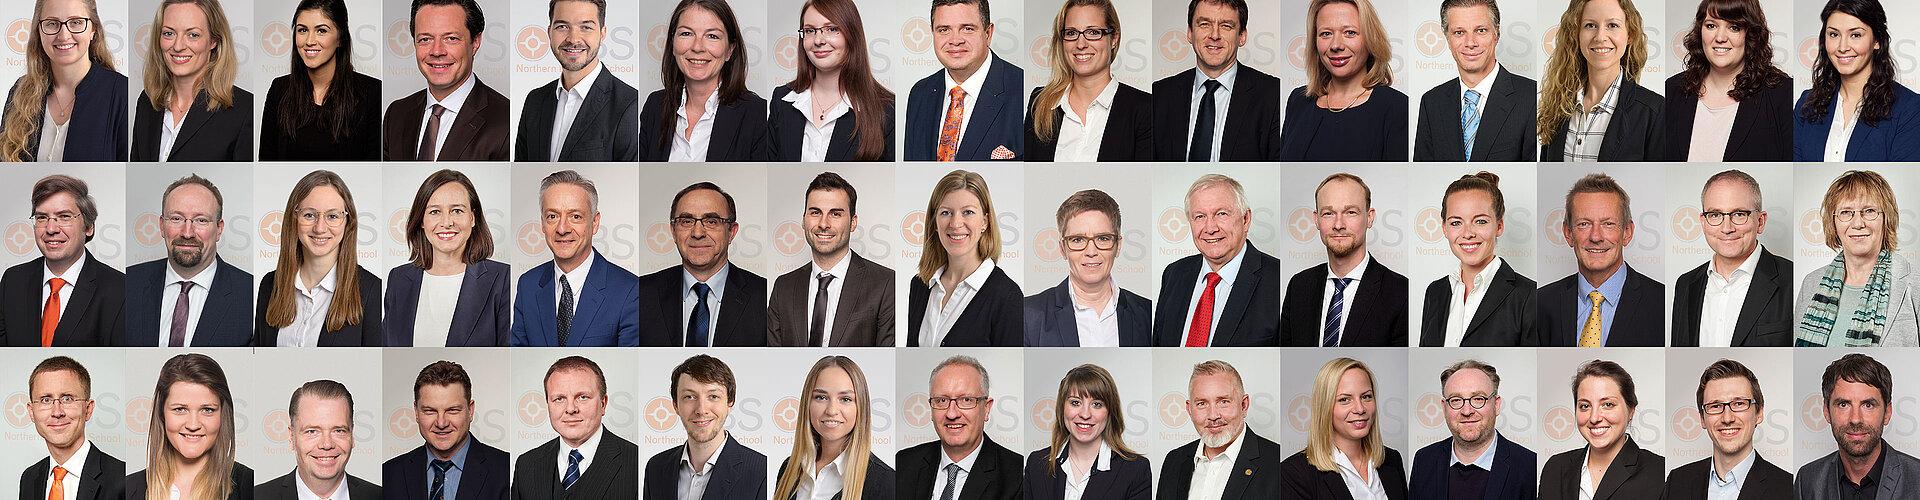 Das Team der NBS: Professoren und Verwaltung